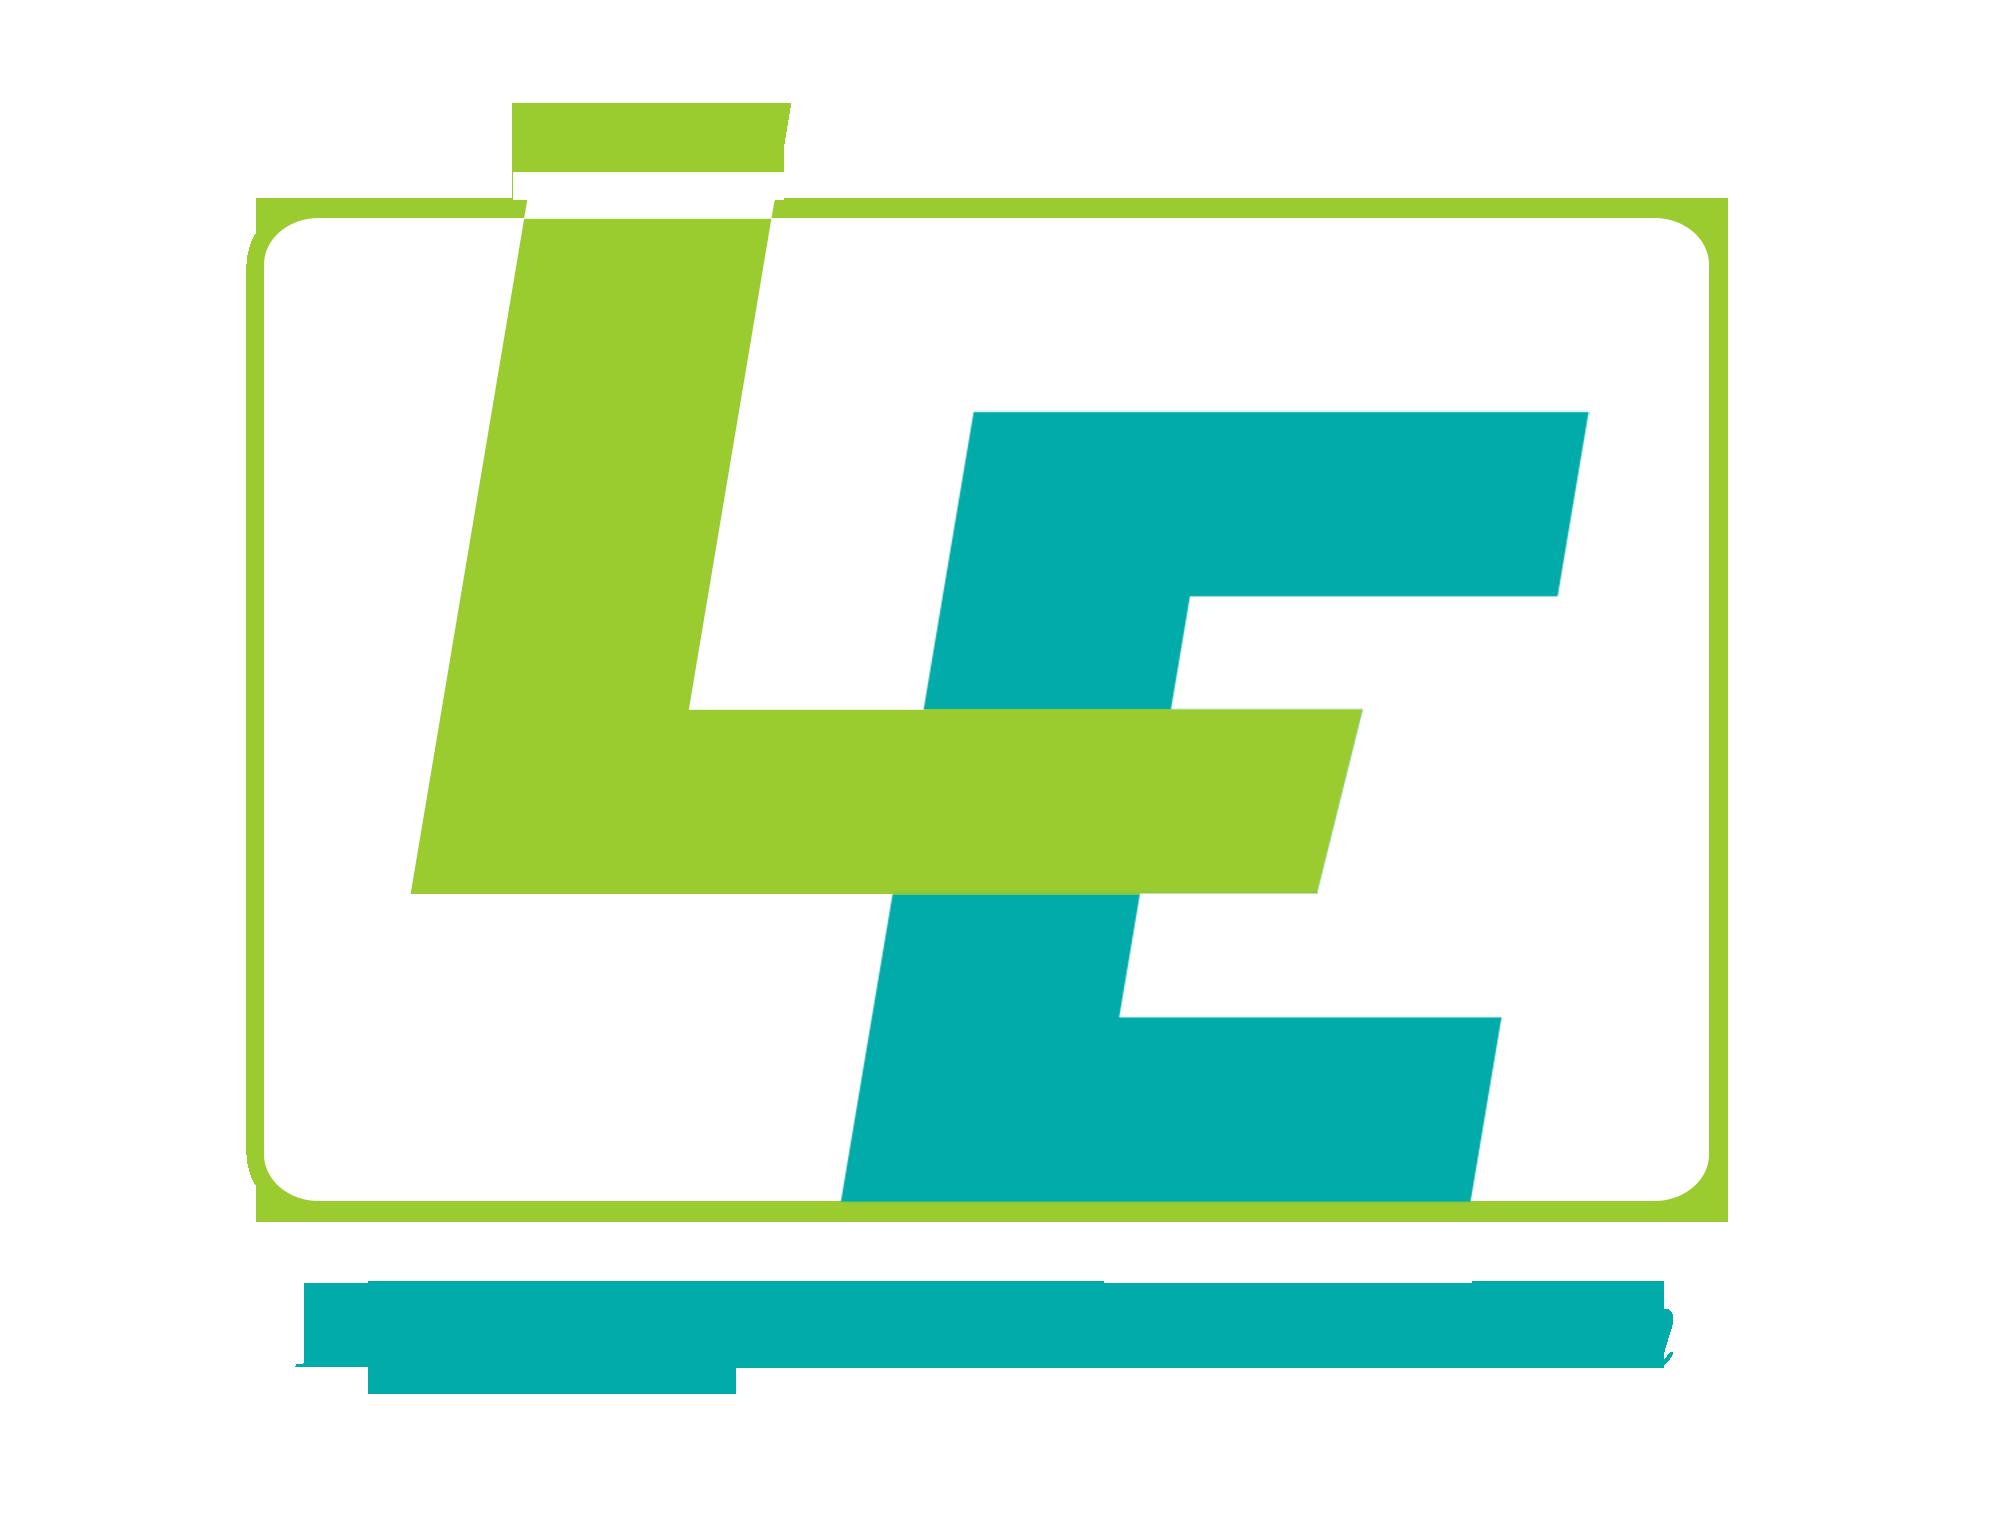 LEENA EXTRUSION